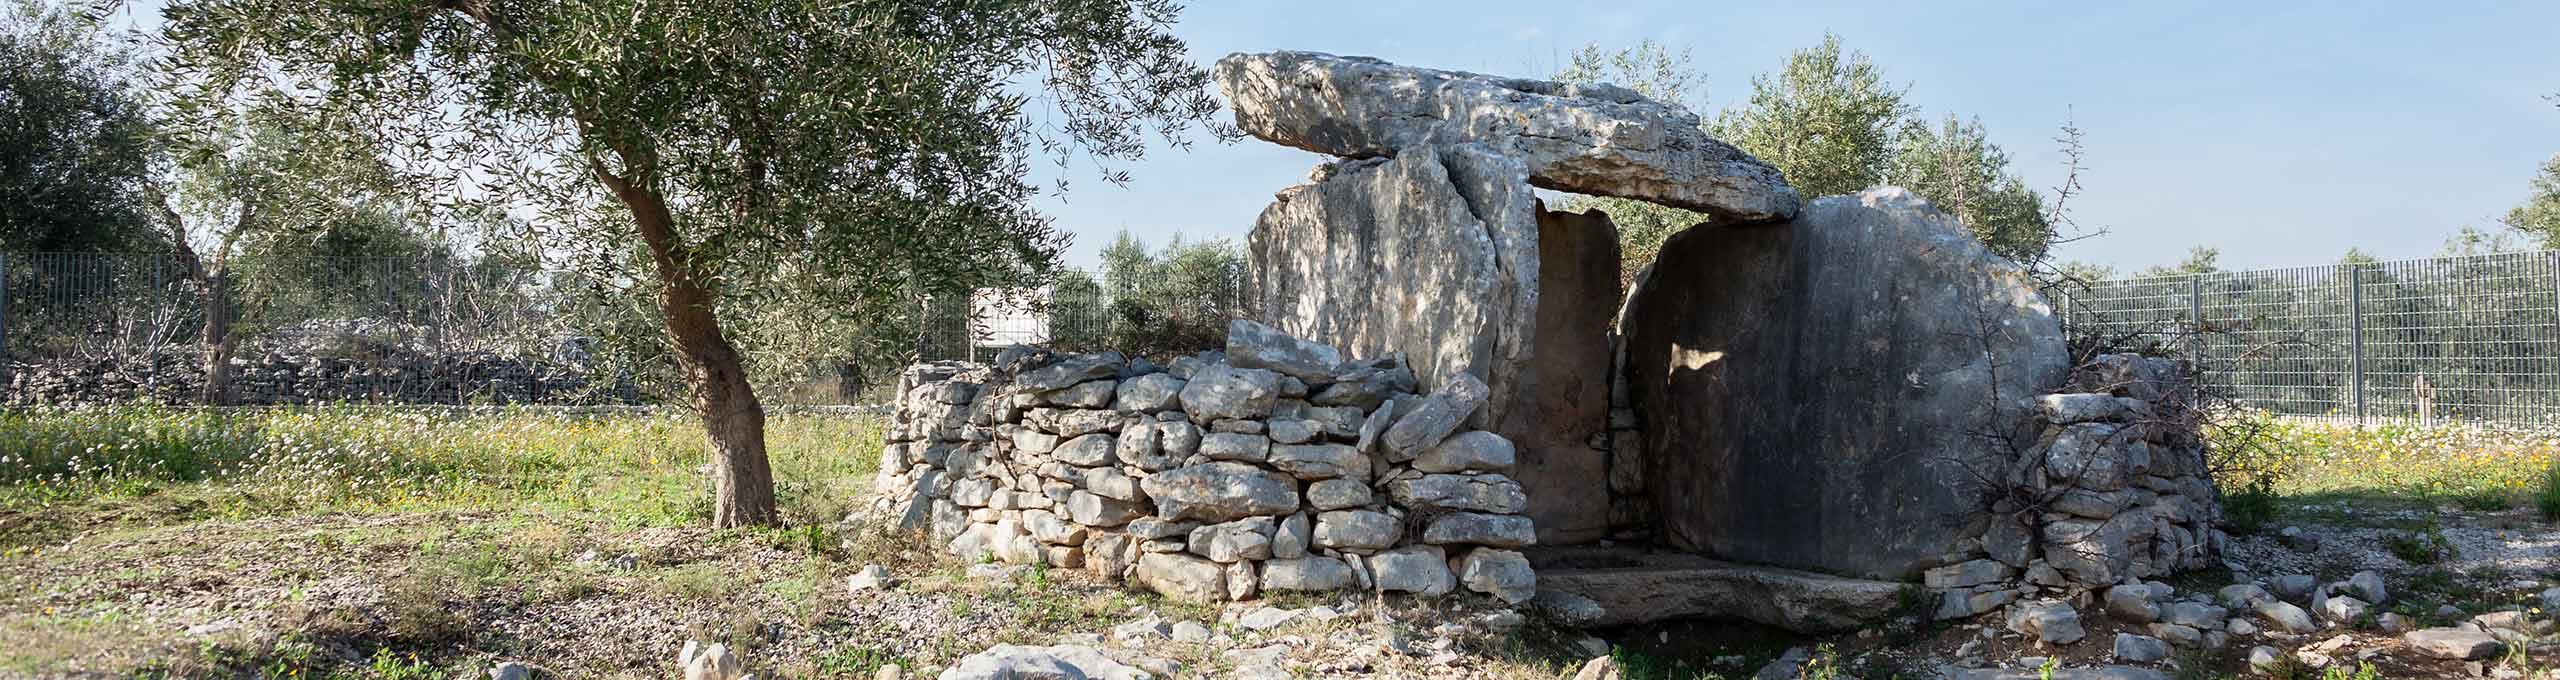 Corato, Puglia Imperiale